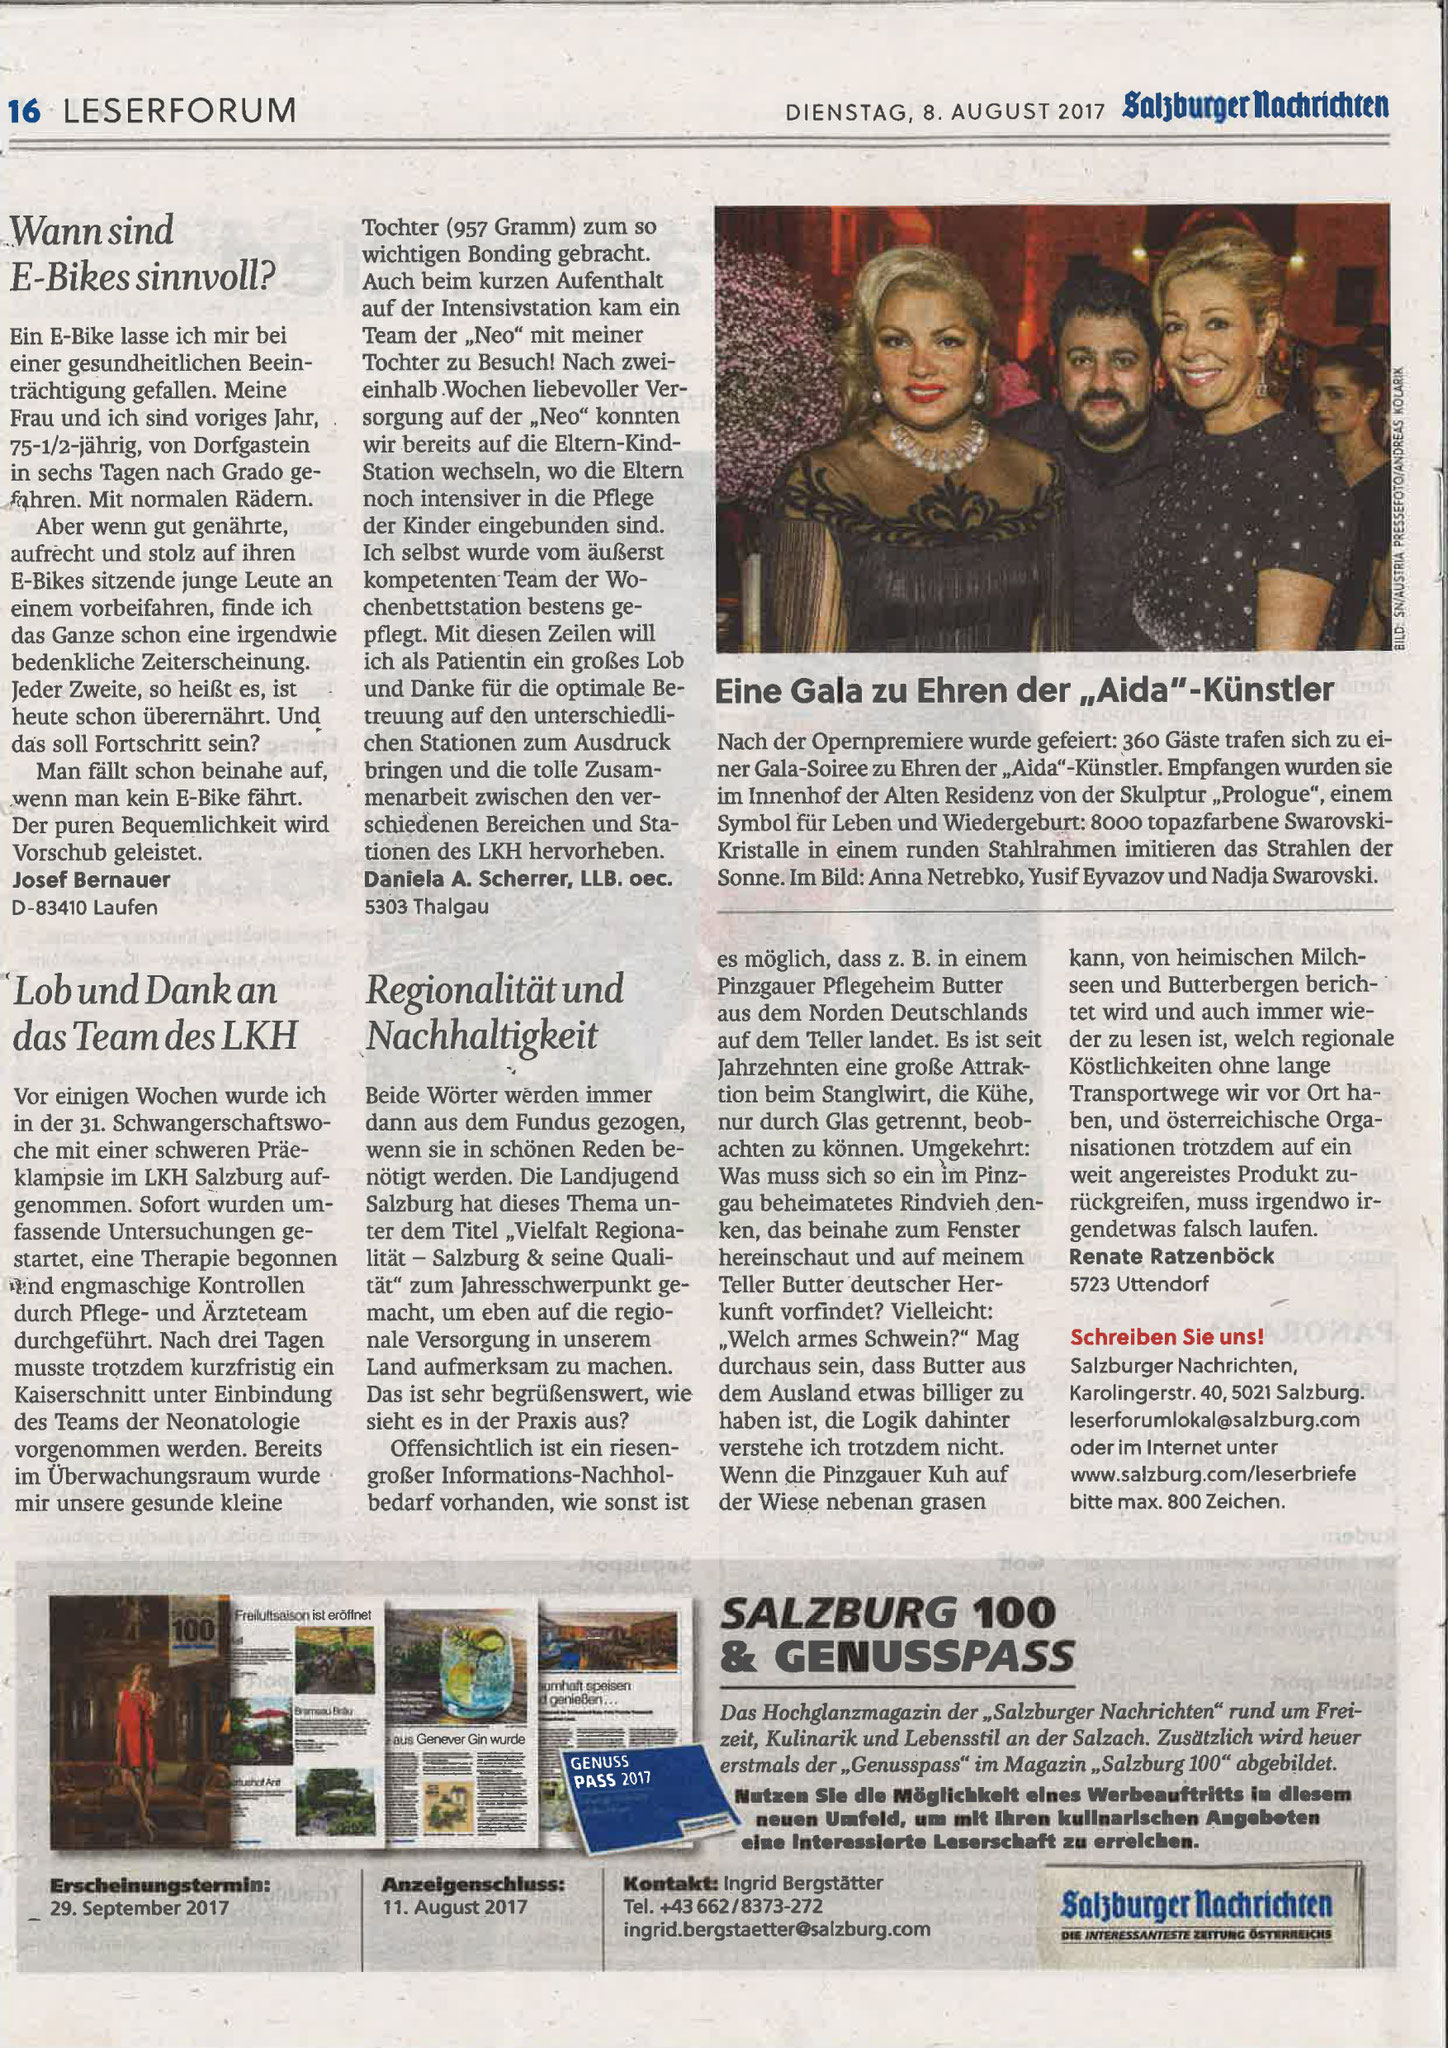 Salzburger Nachrichten, 8. August 2017